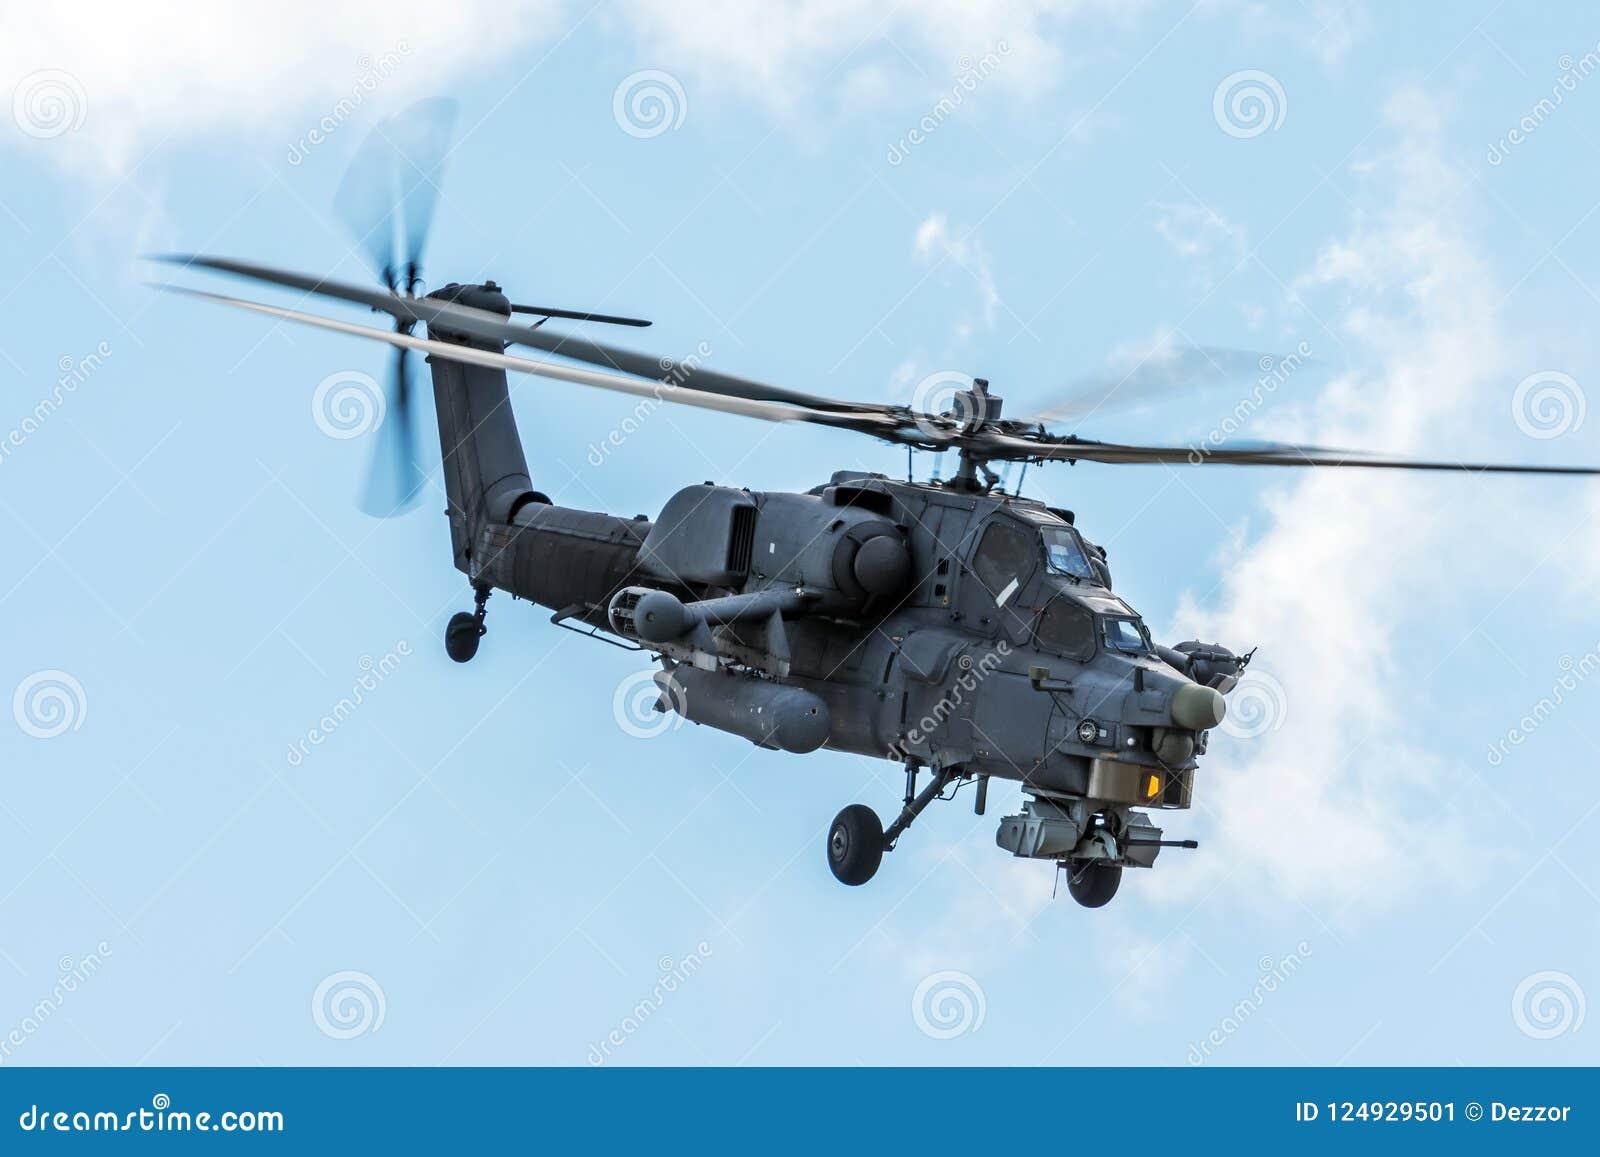 Militarny helikopter w niebie na bojowej misi z broniami